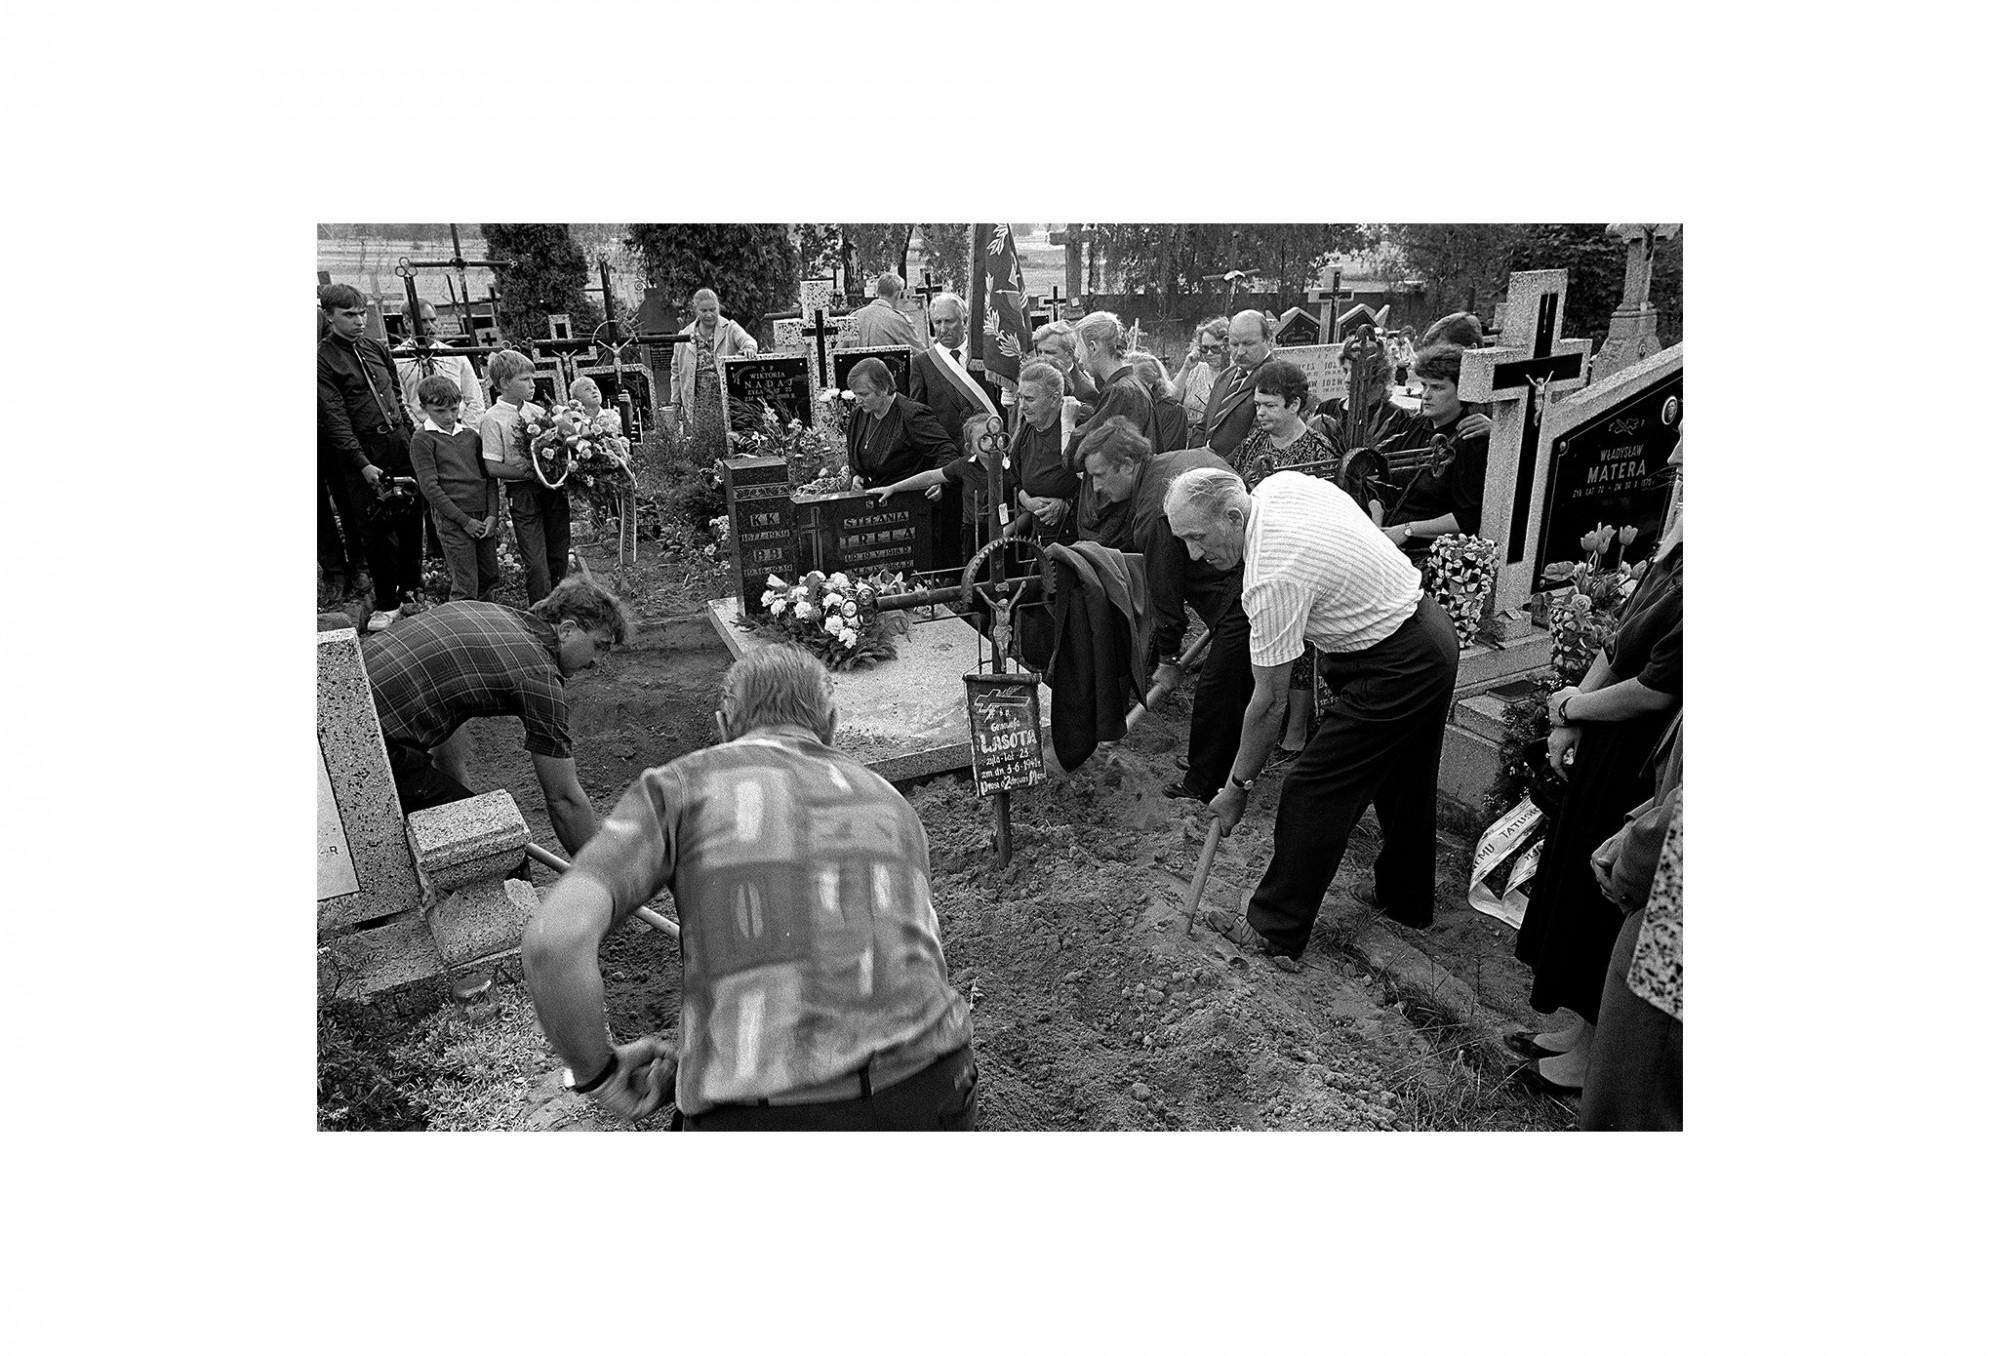 Afbeelding: Uit de reeks : Polen, een kast op glazen poten, 92-21-11, omgeving Lodz, © Dominique Van Huffel